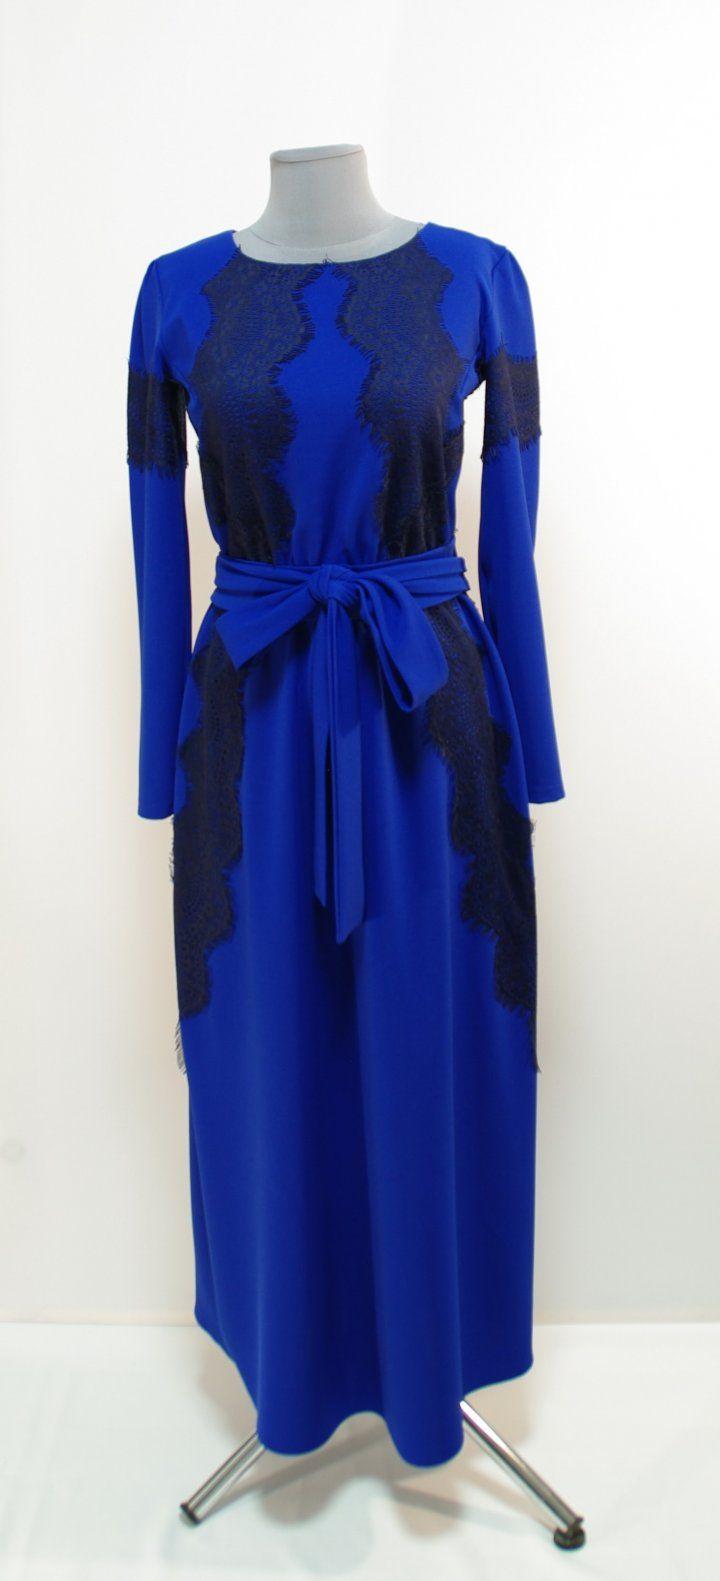 Ультра-синее платье с темно-синими кружевами, длина макси   Платье-терапия от Юлии